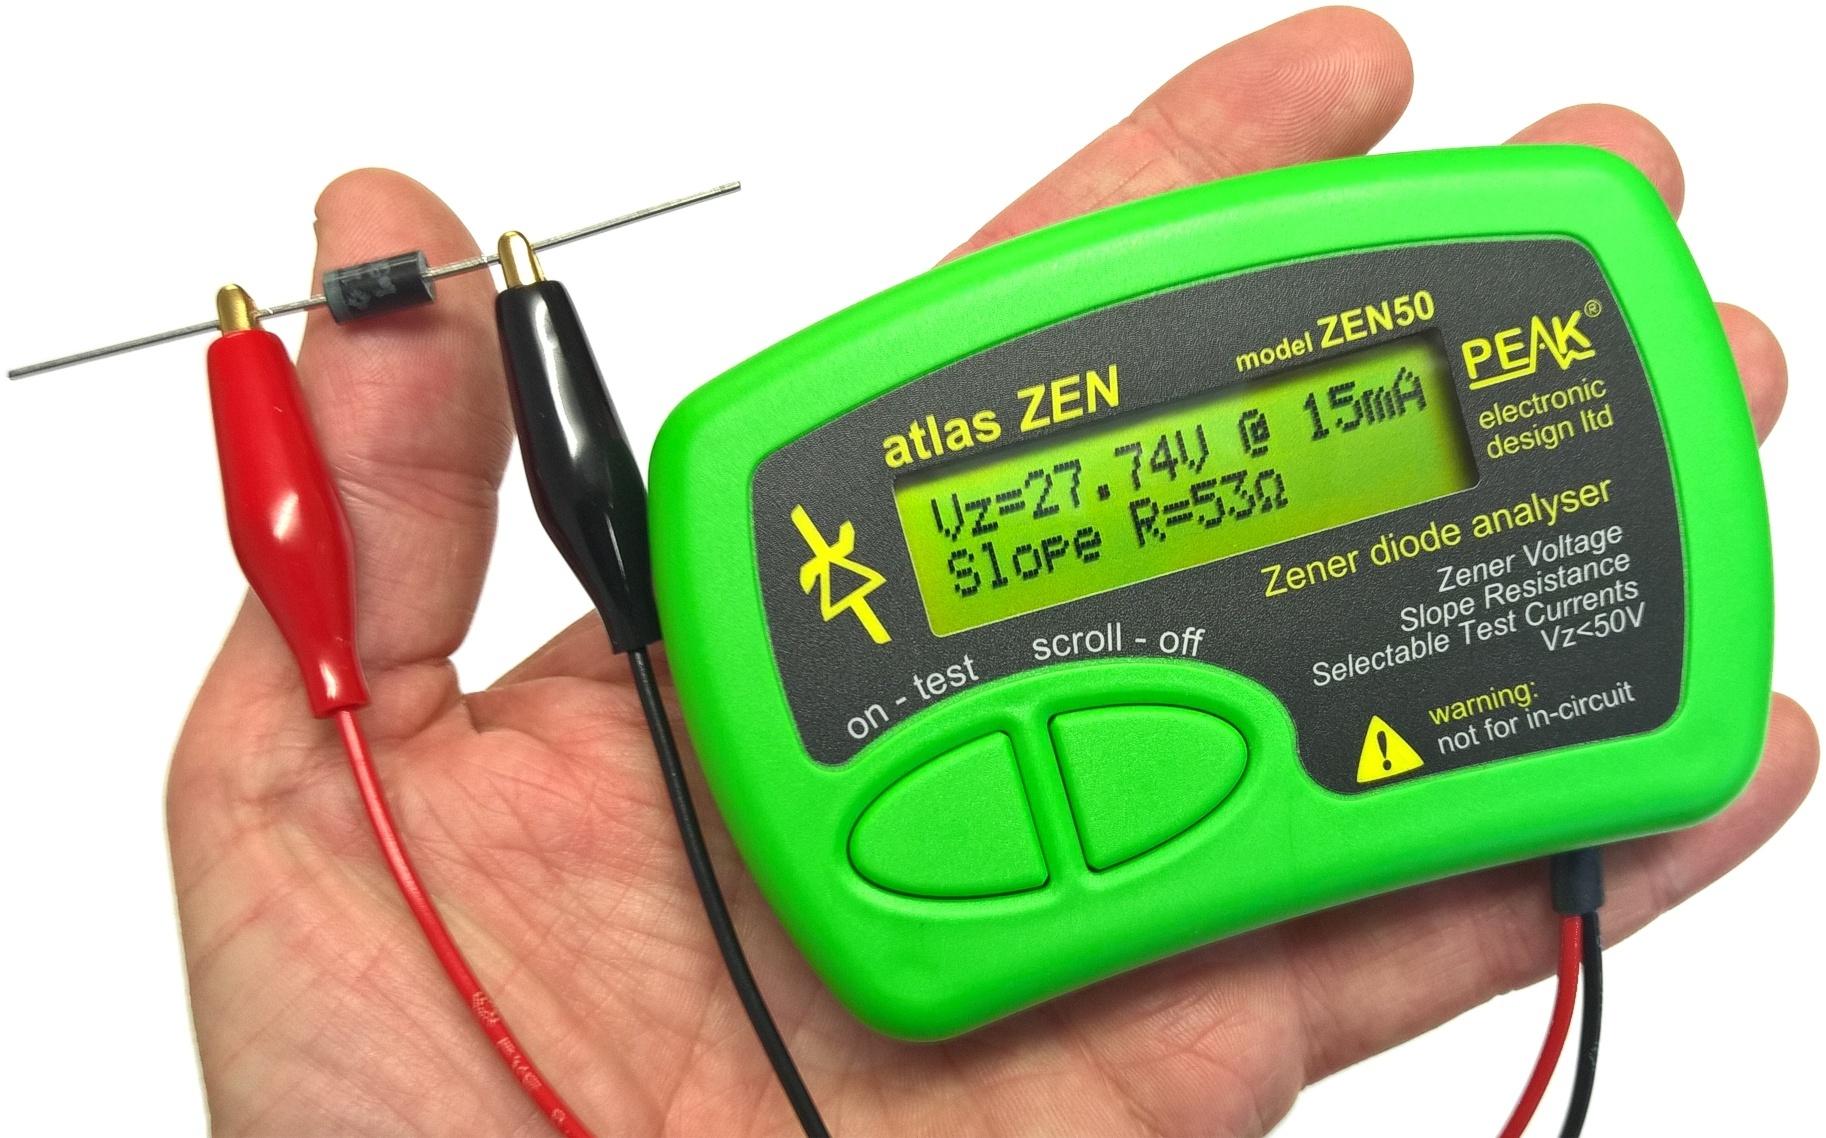 Atlas ZEN - Zener dioda mérő műszer (0-50V) M.M PEAK ZEN50